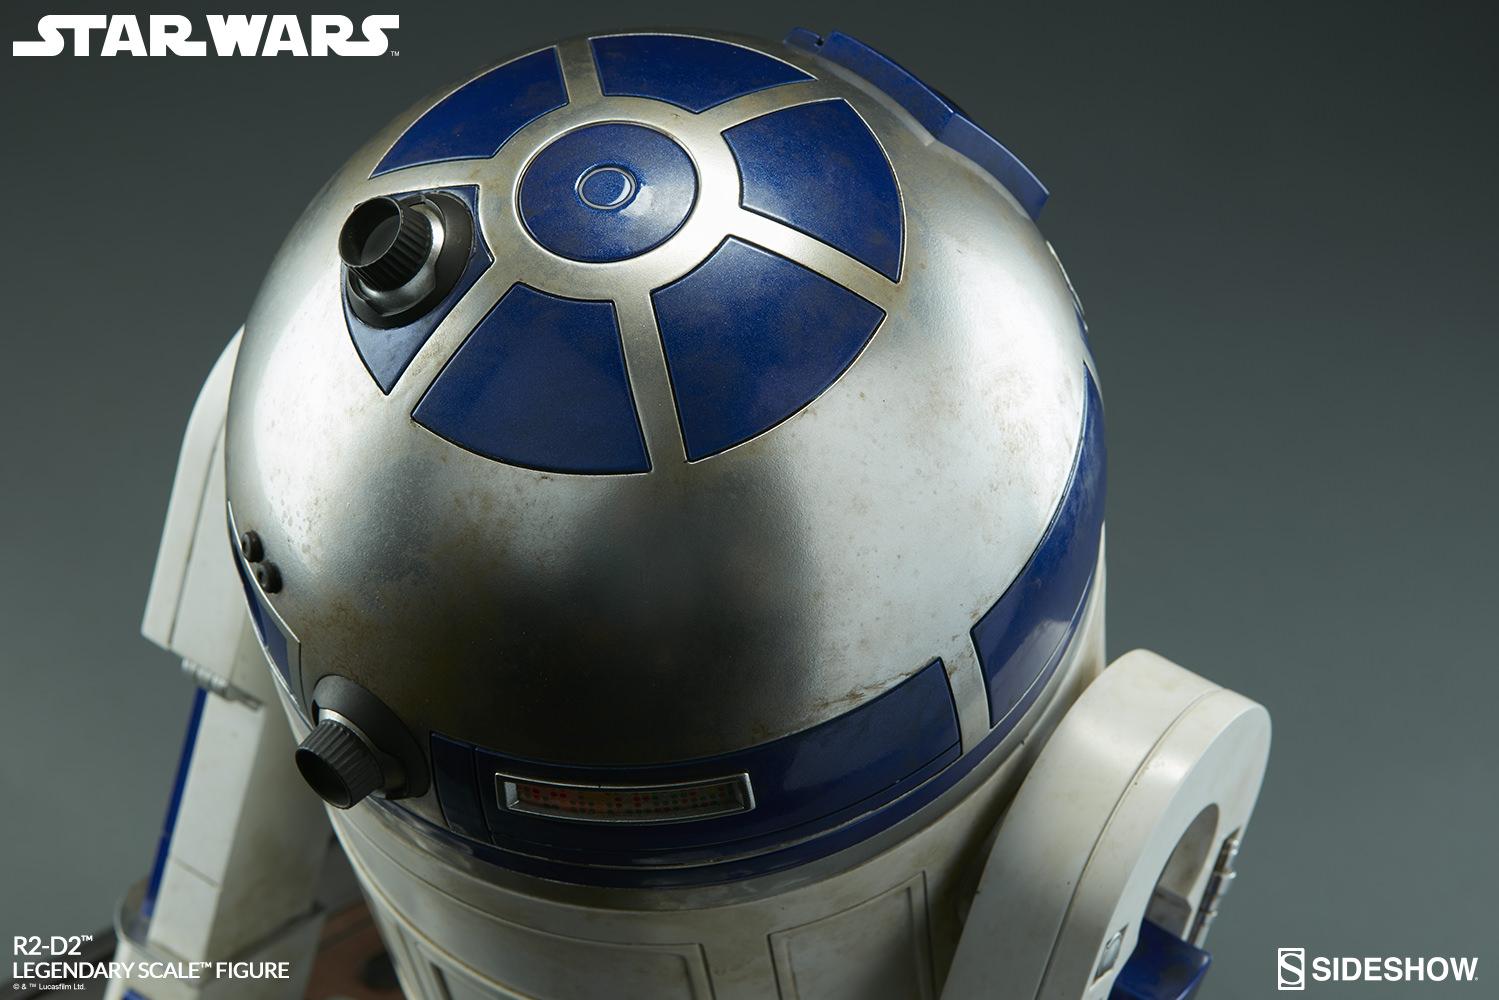 STAR WARS: R2-D2 Legendary scale figure Star-wars-r2-d2-legendary-scale-400155-13